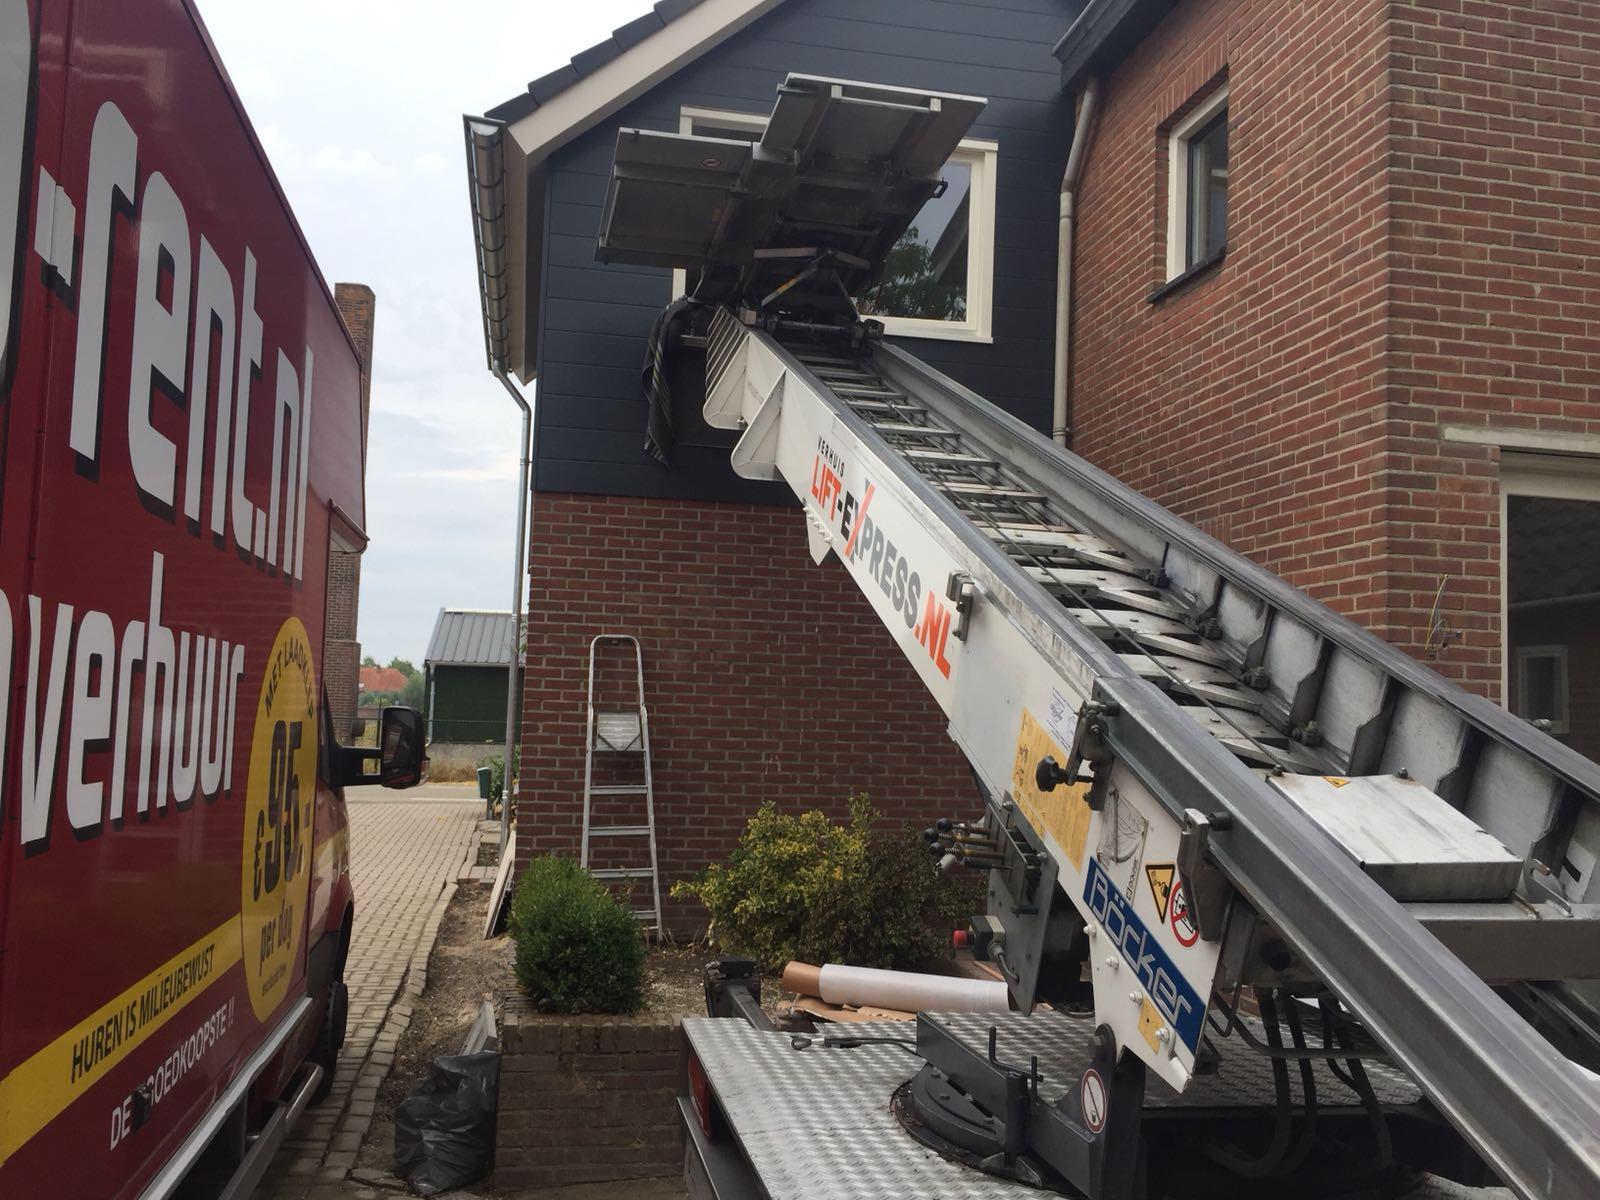 Verhuislift Venlo Huiskensstraat